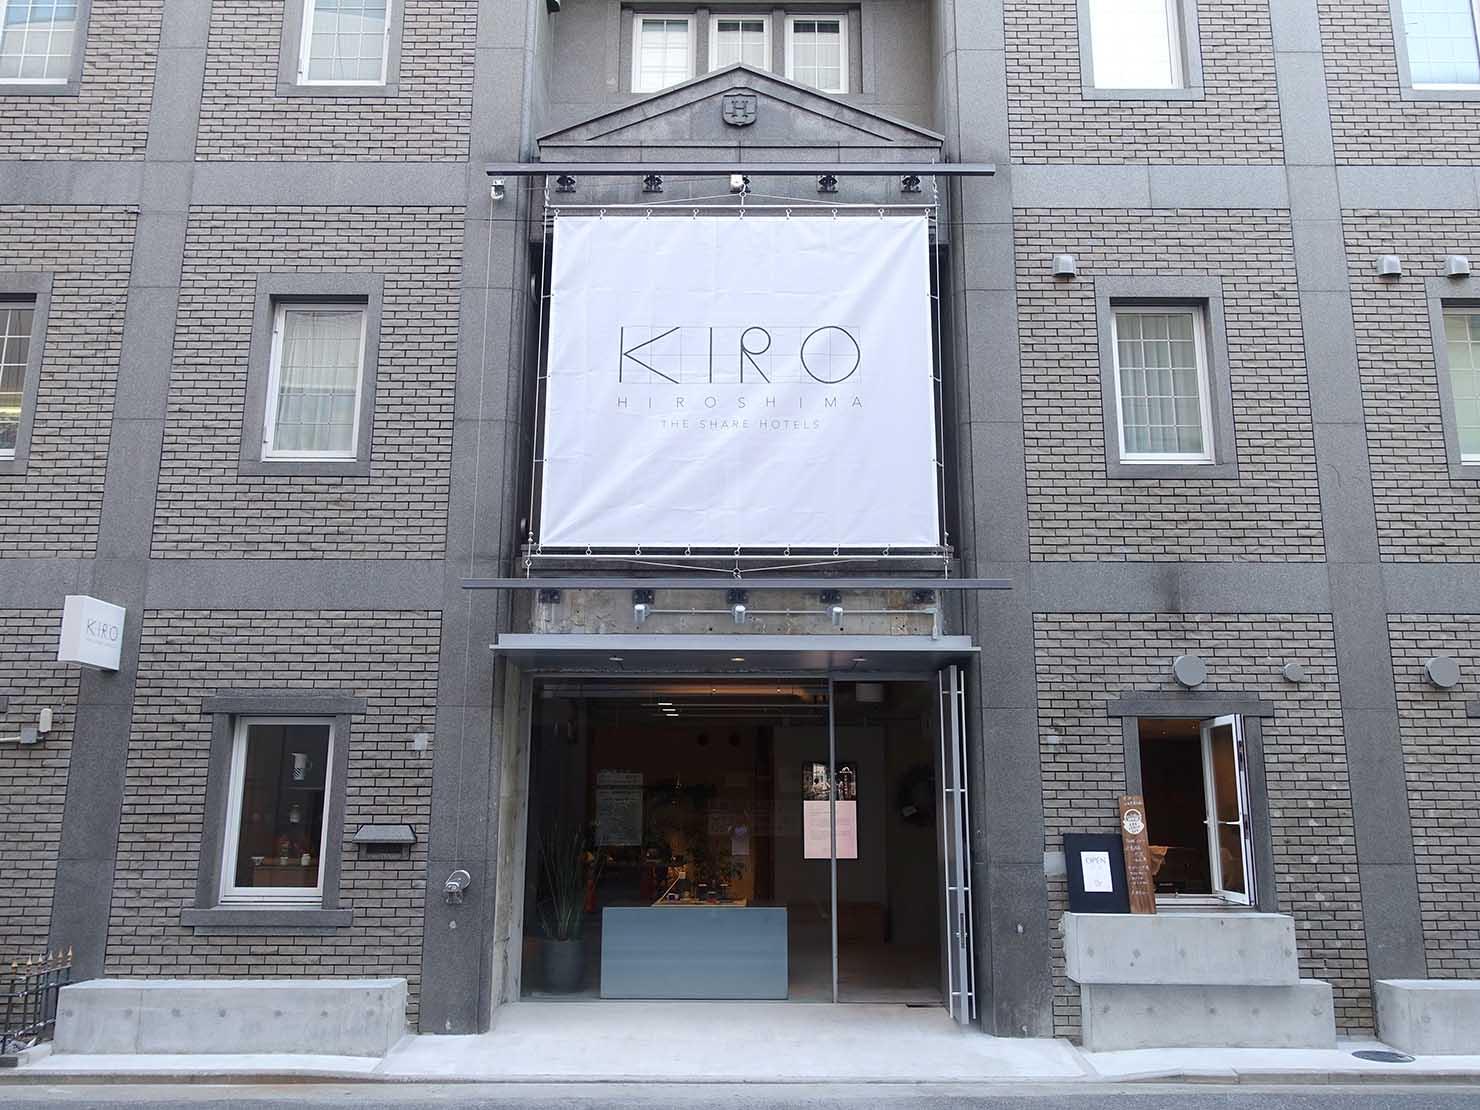 広島・八丁堀のおしゃれなリノベホテル「KIRO広島 The Share Hotels」の外観